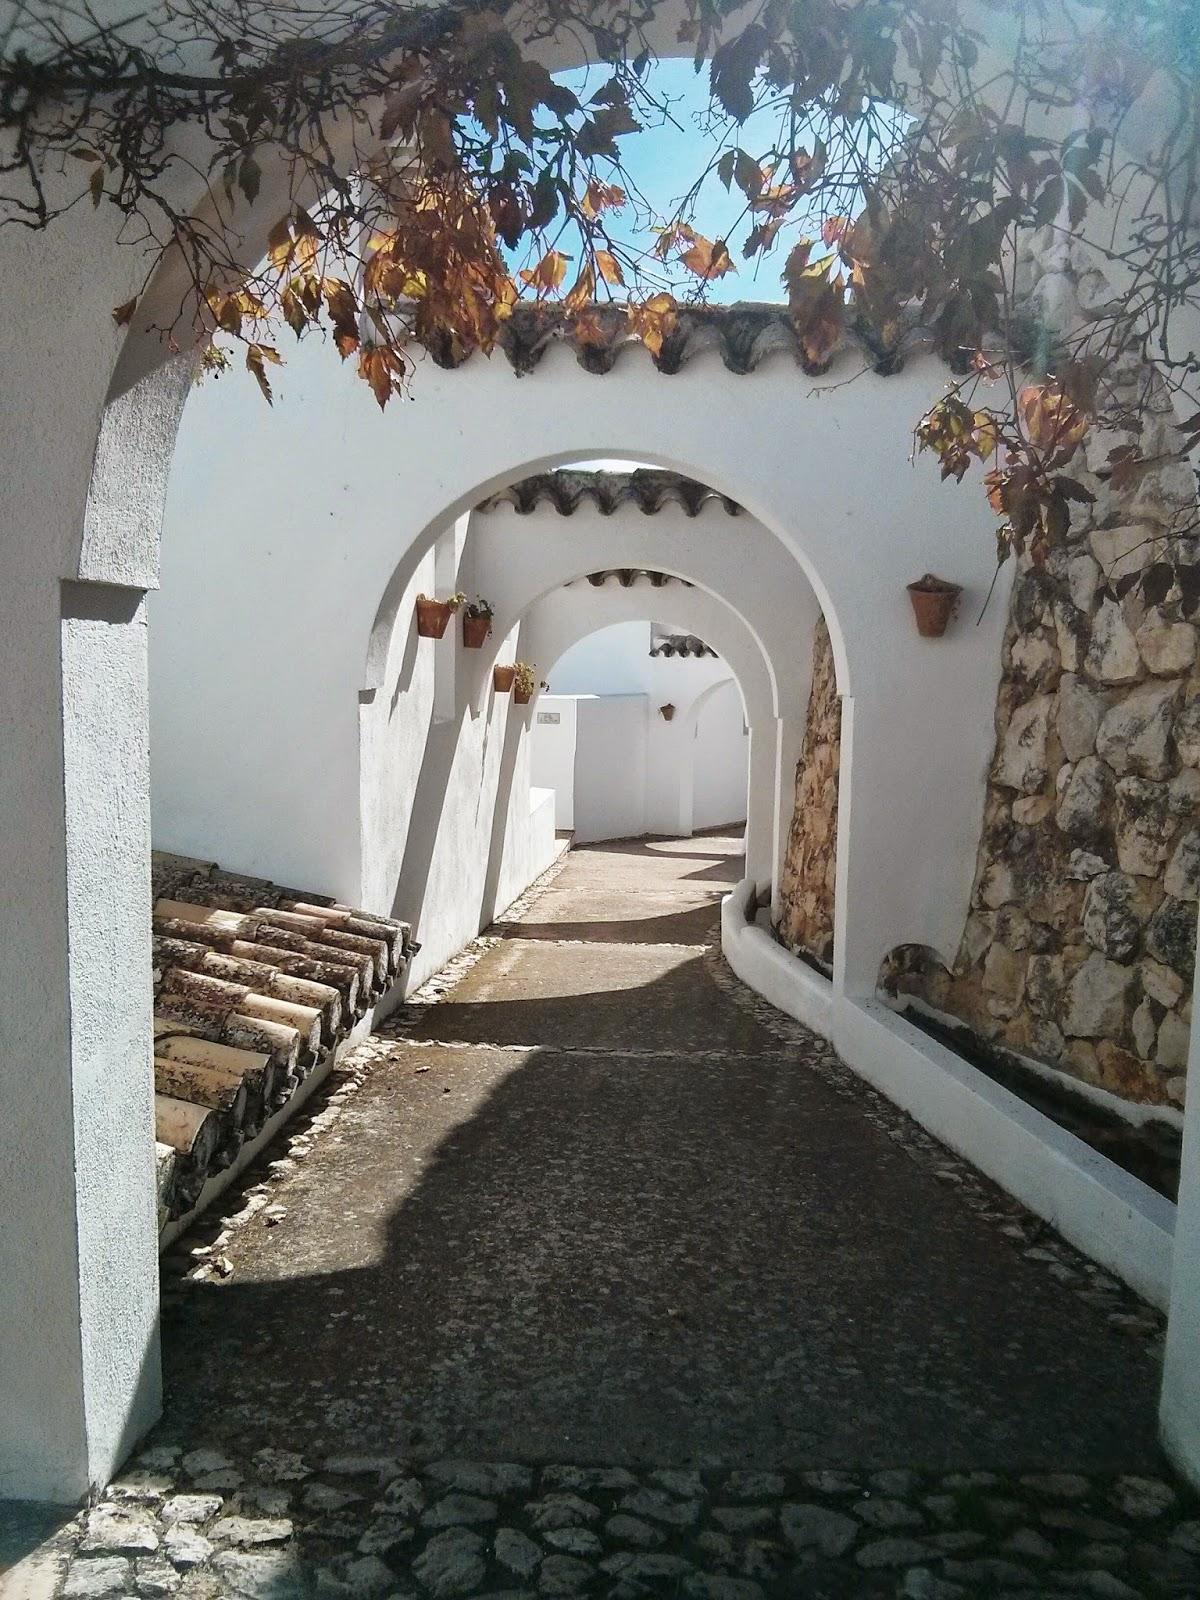 Villa Turística de Priego - Arcos